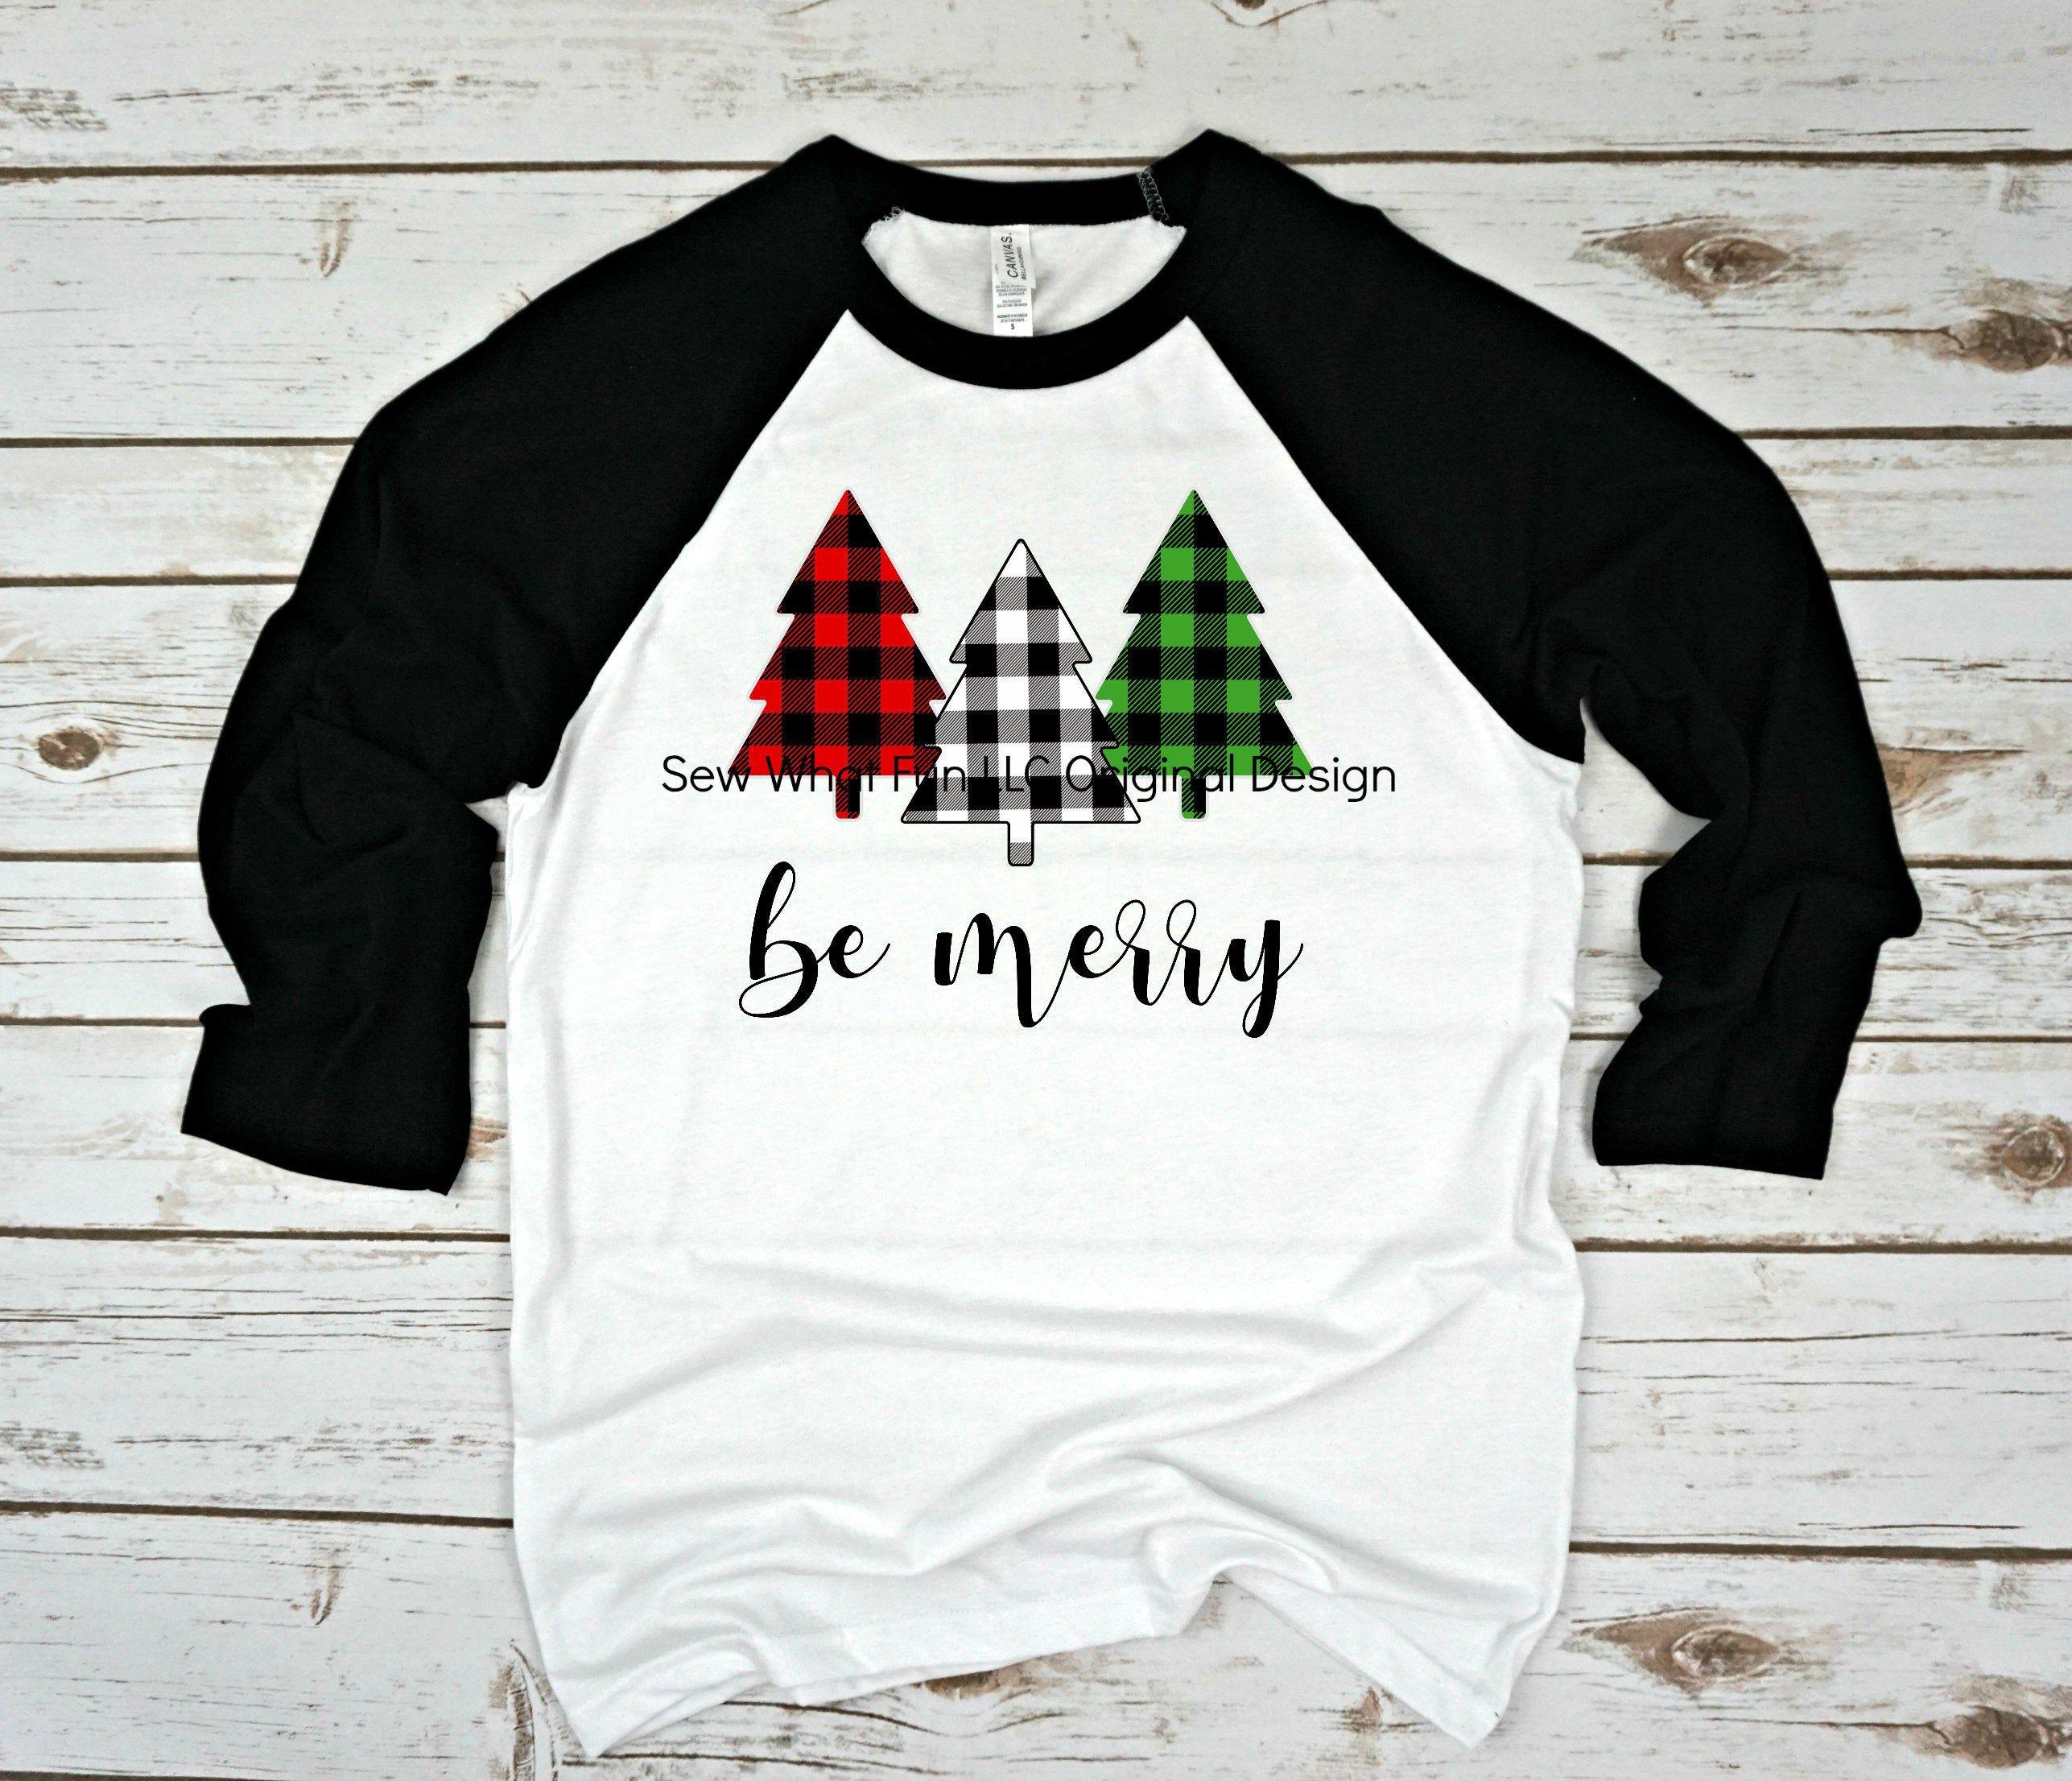 Christmas t-shirt, Womens Christmas raglan, Christmas shirt, raglan, t shirt, womens, women's shirt, Christmas, plaid, womens raglan,women